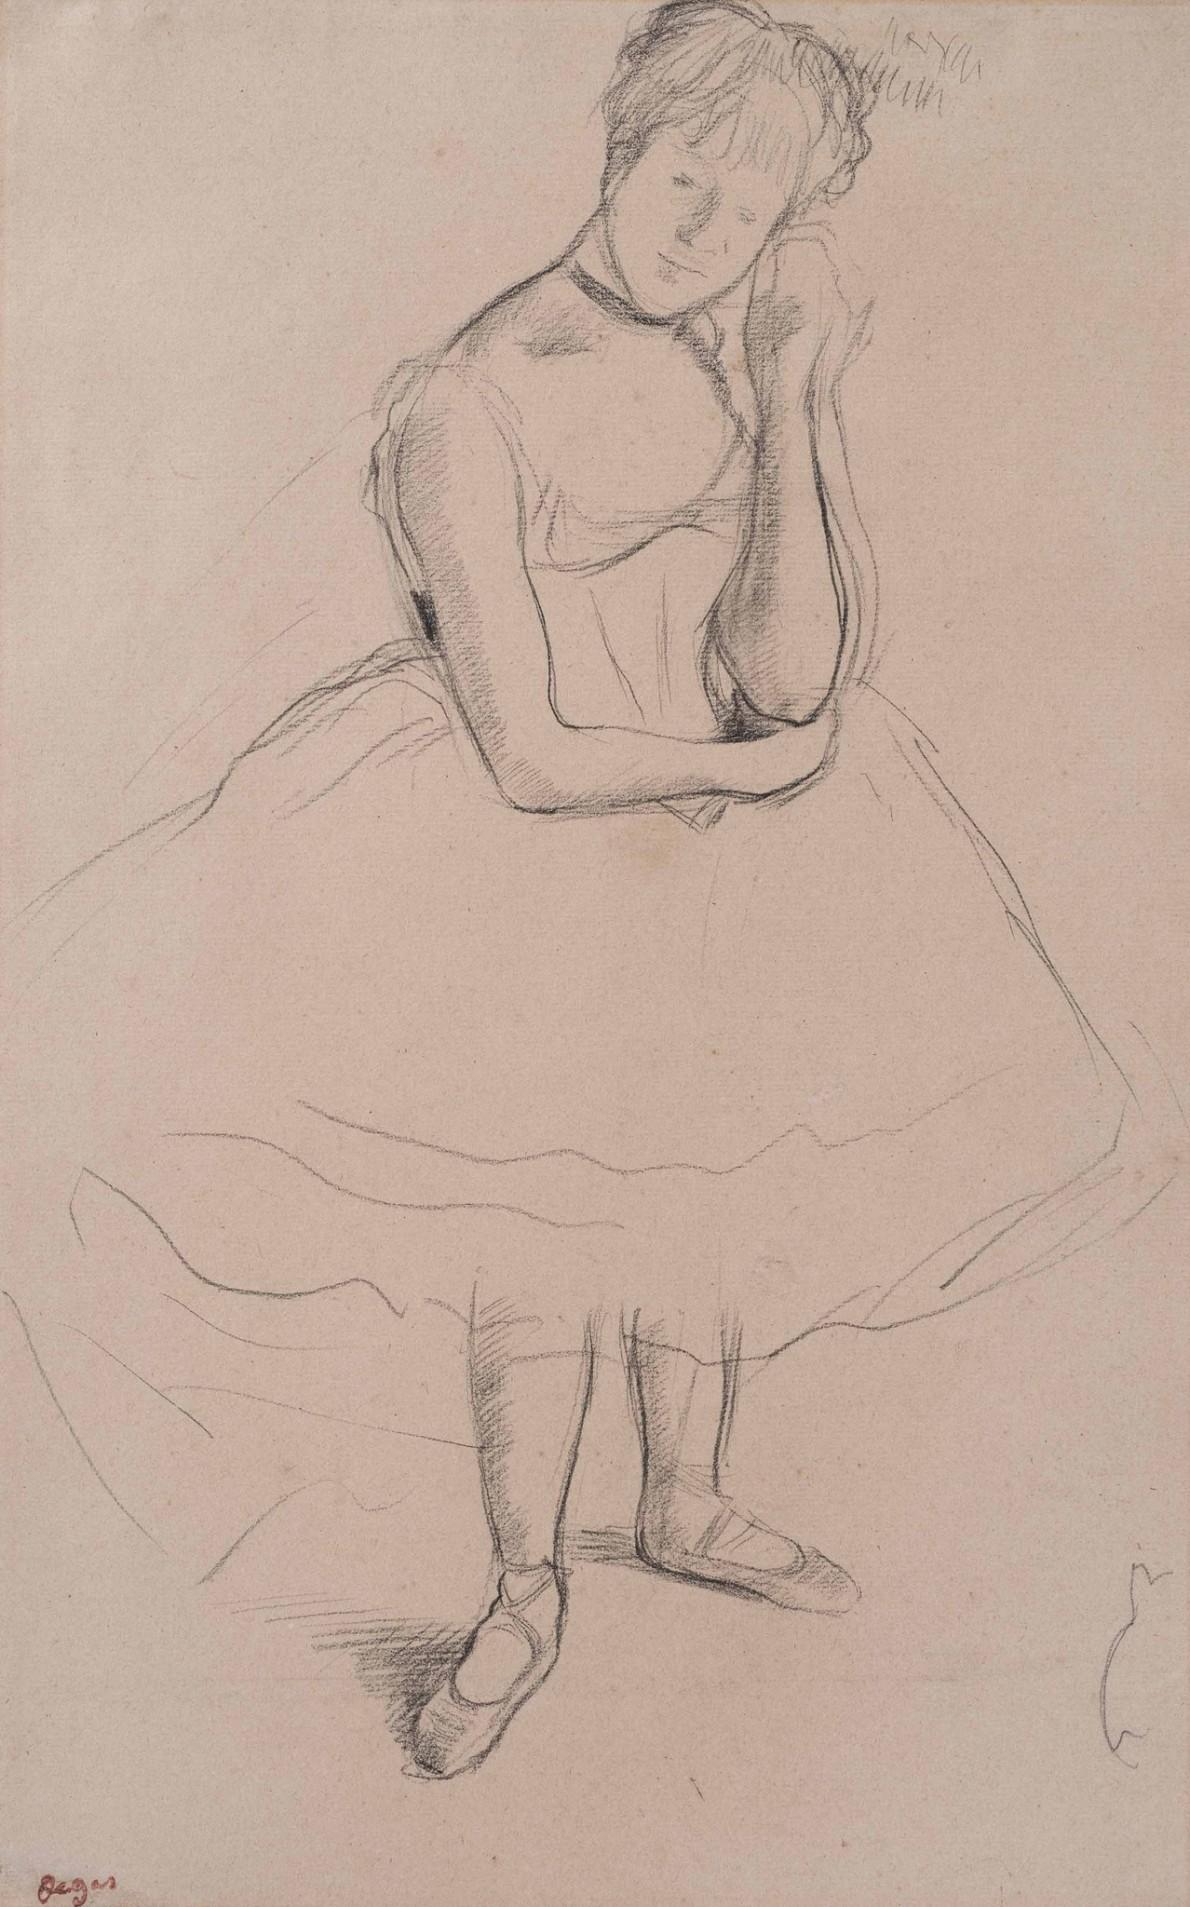 Edgar Degas, Danseuse, c.1875-1880